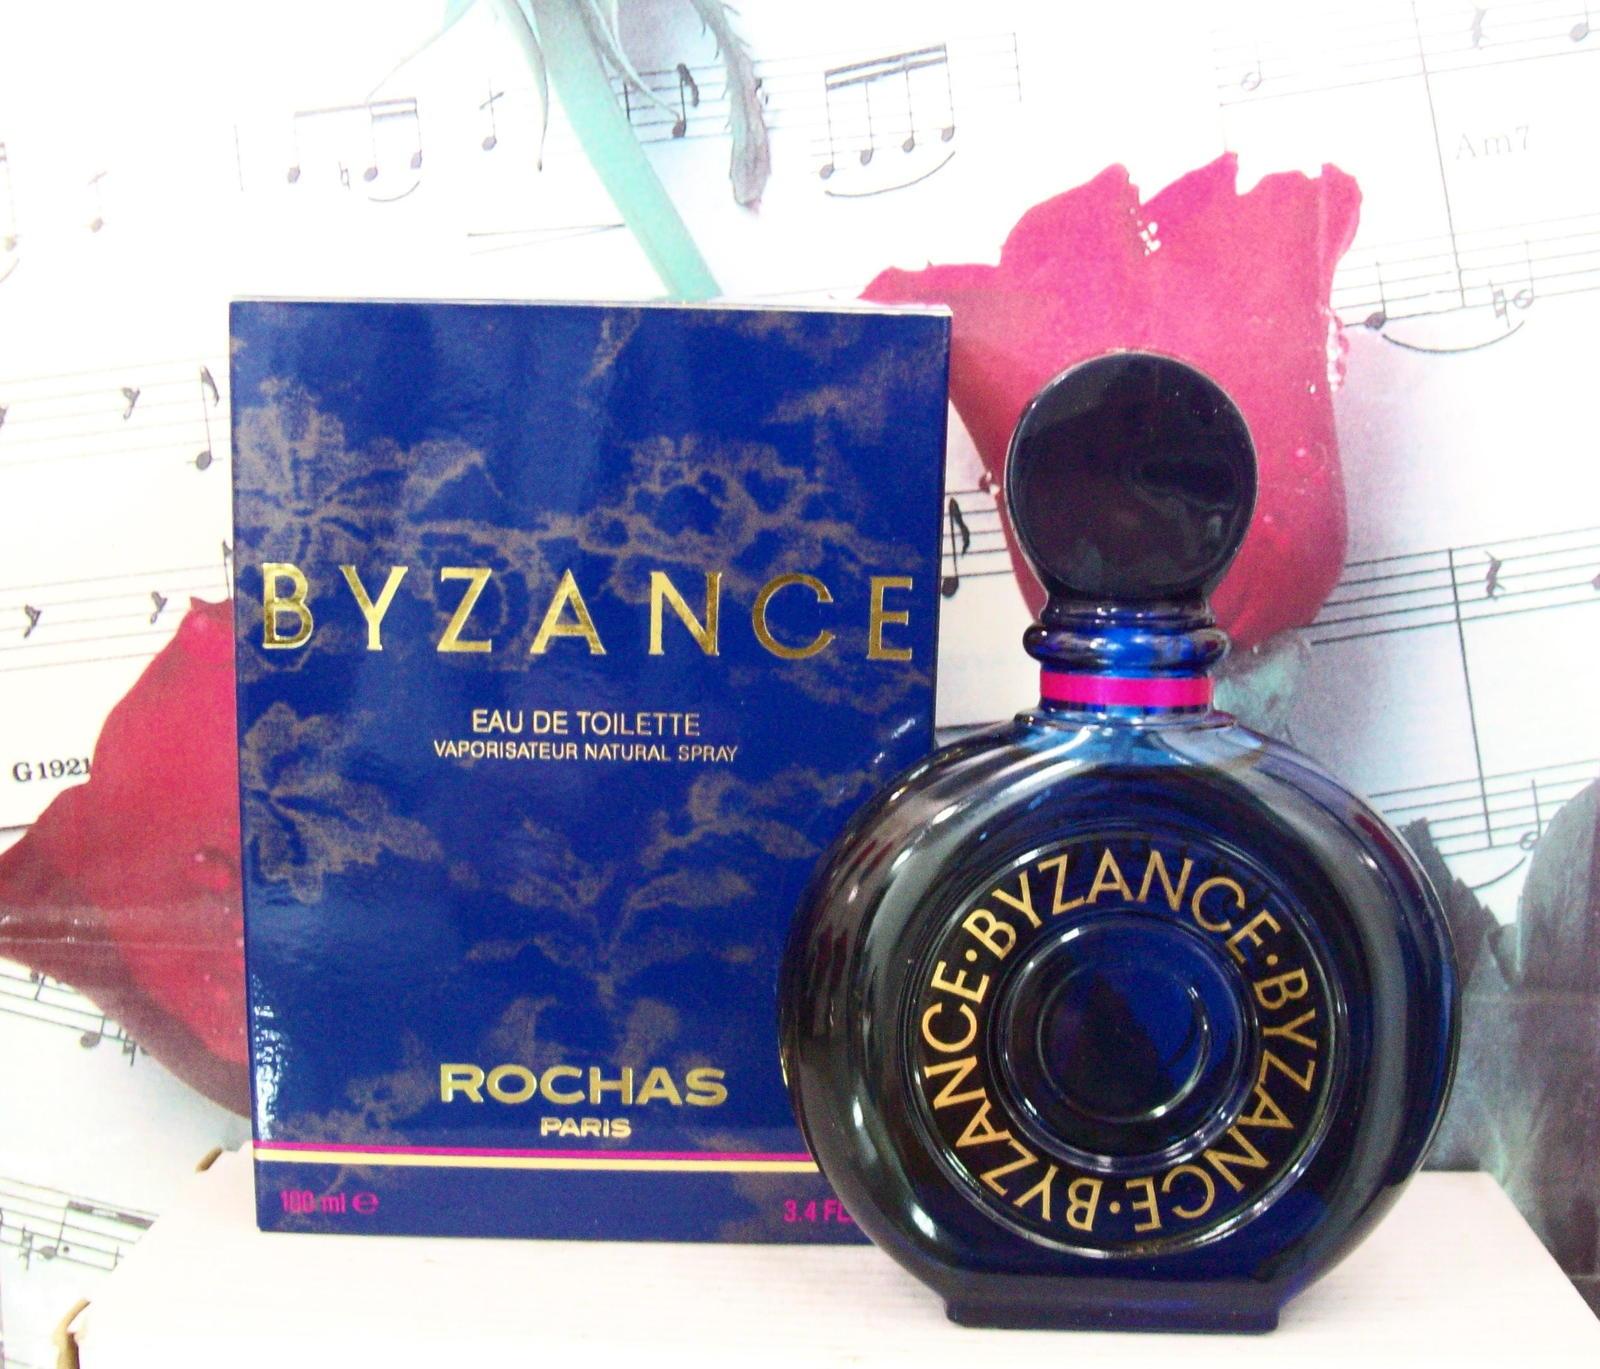 Byzance By Rochas EDT Spray 3.4 FL. OZ. NWB - $269.99